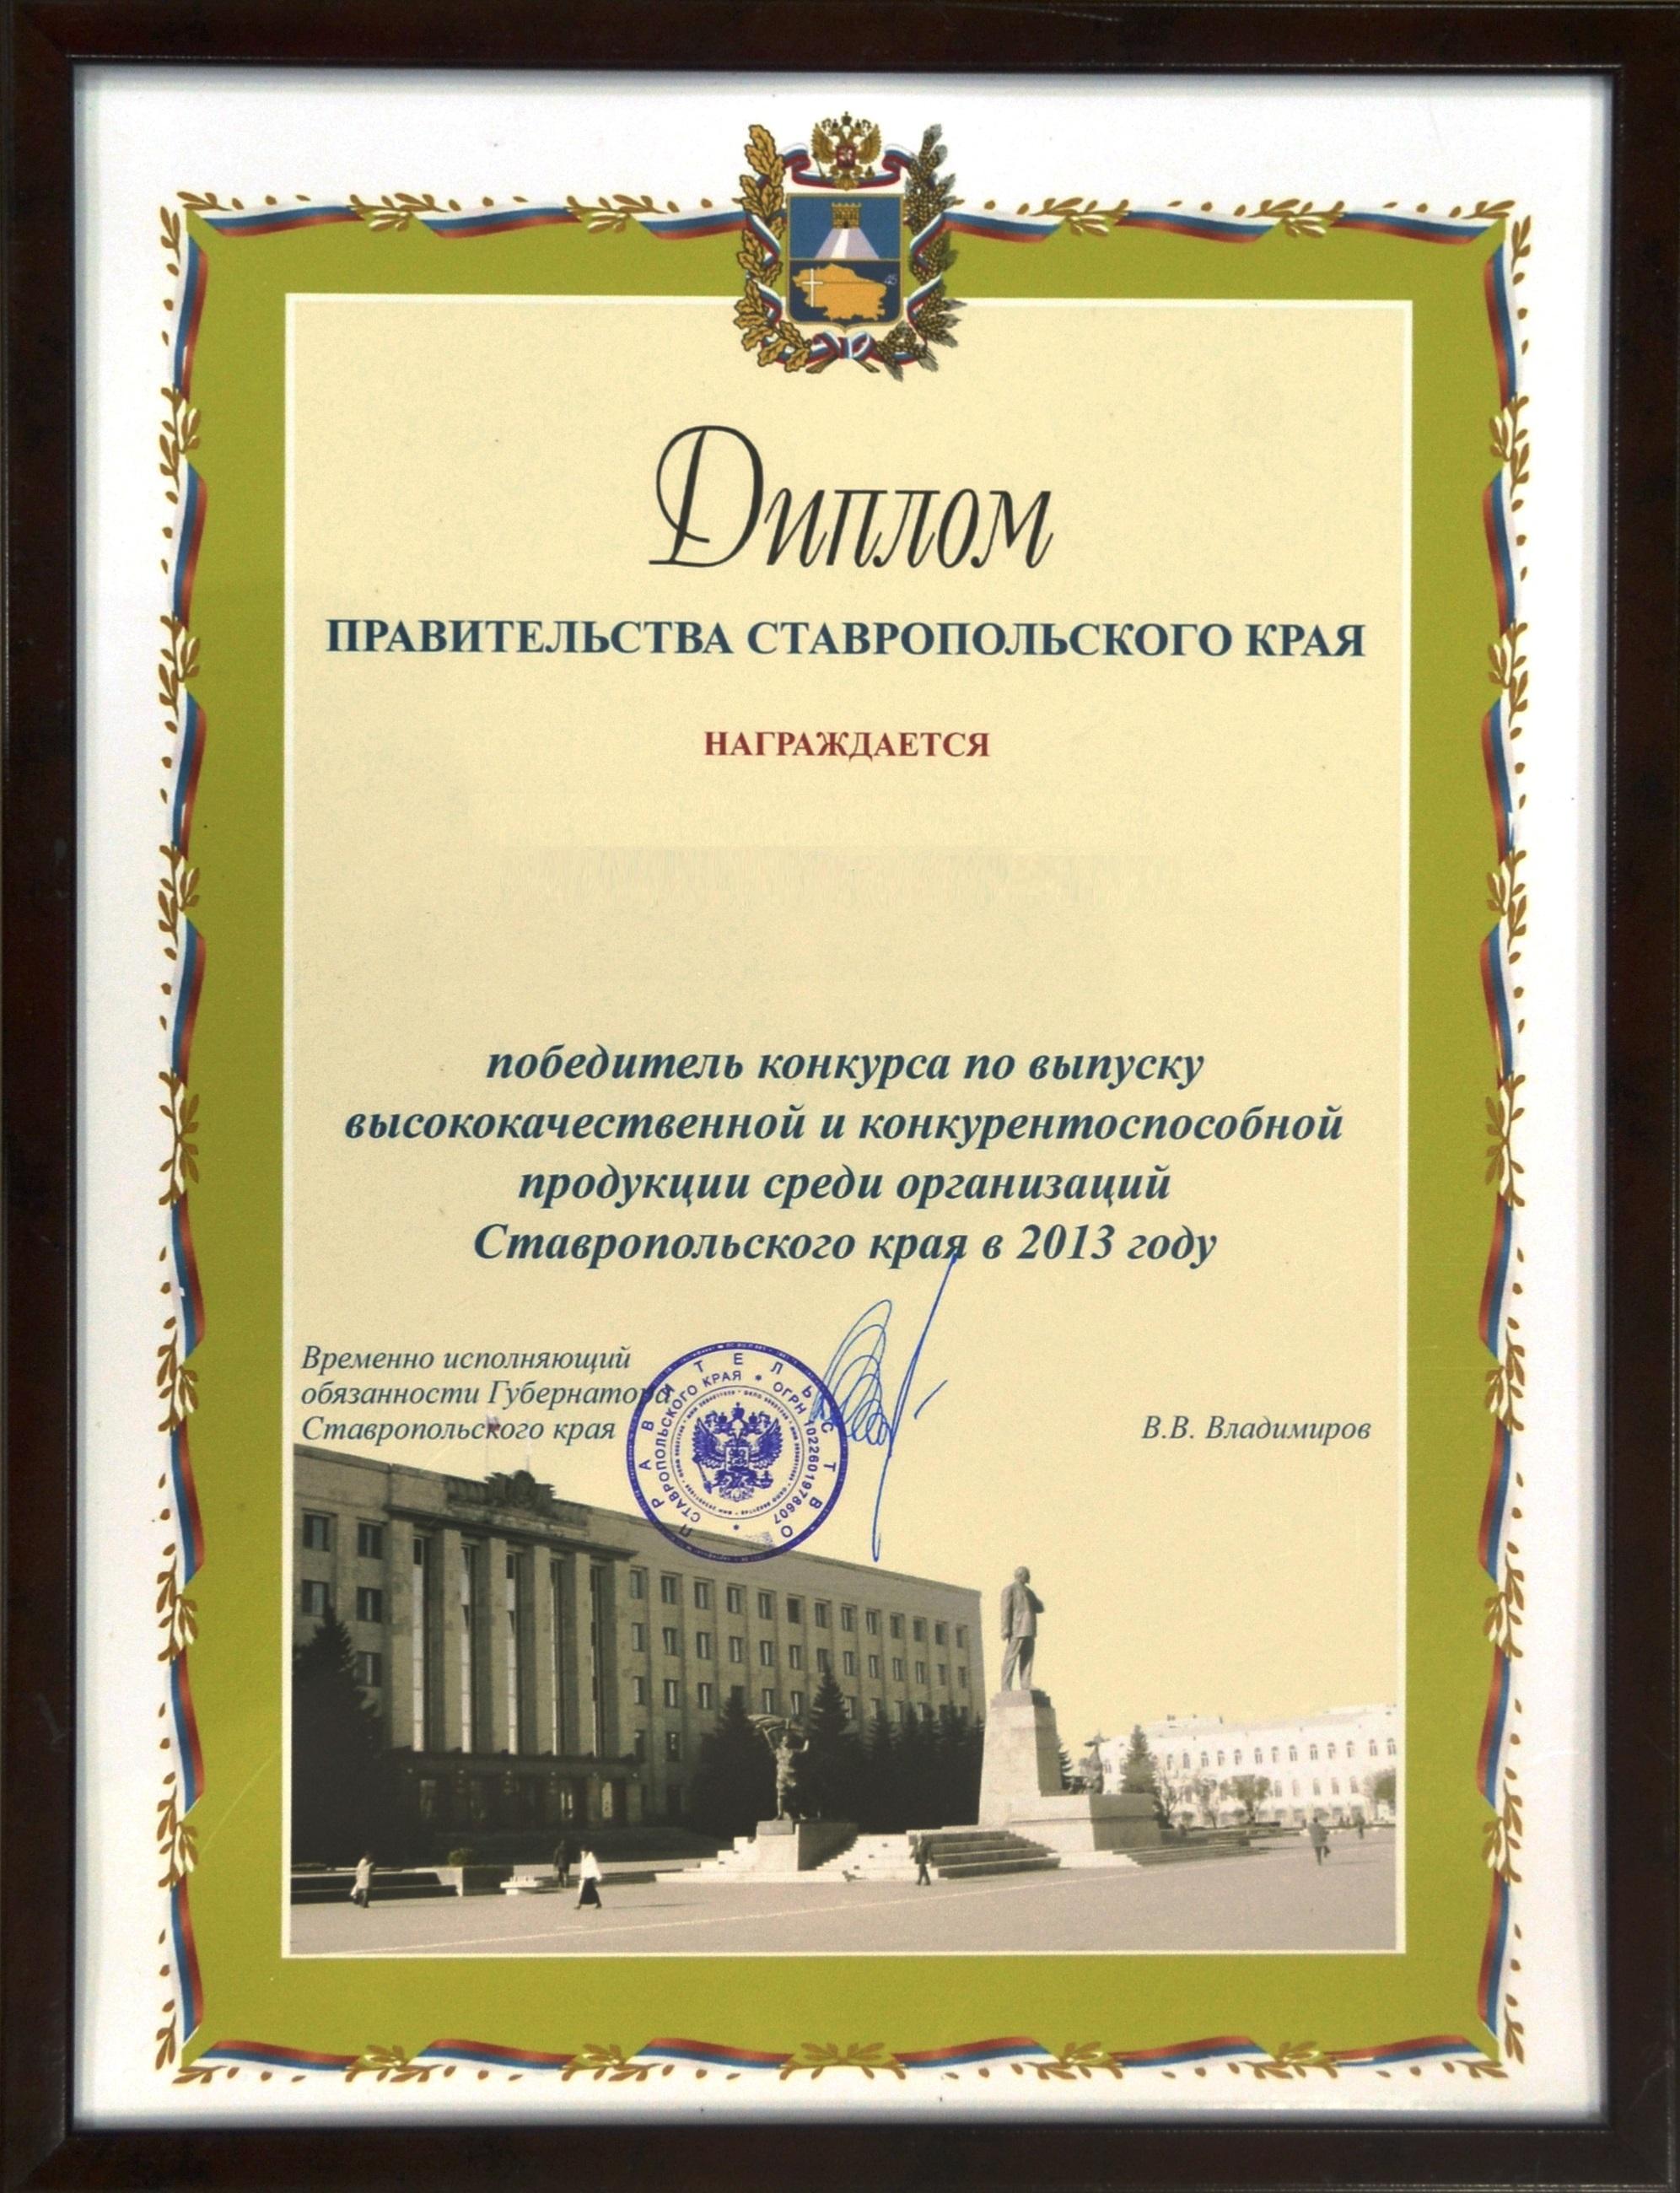 Файл Диплом Правительства Ставропольского края jpg Википедия Файл Диплом Правительства Ставропольского края jpg